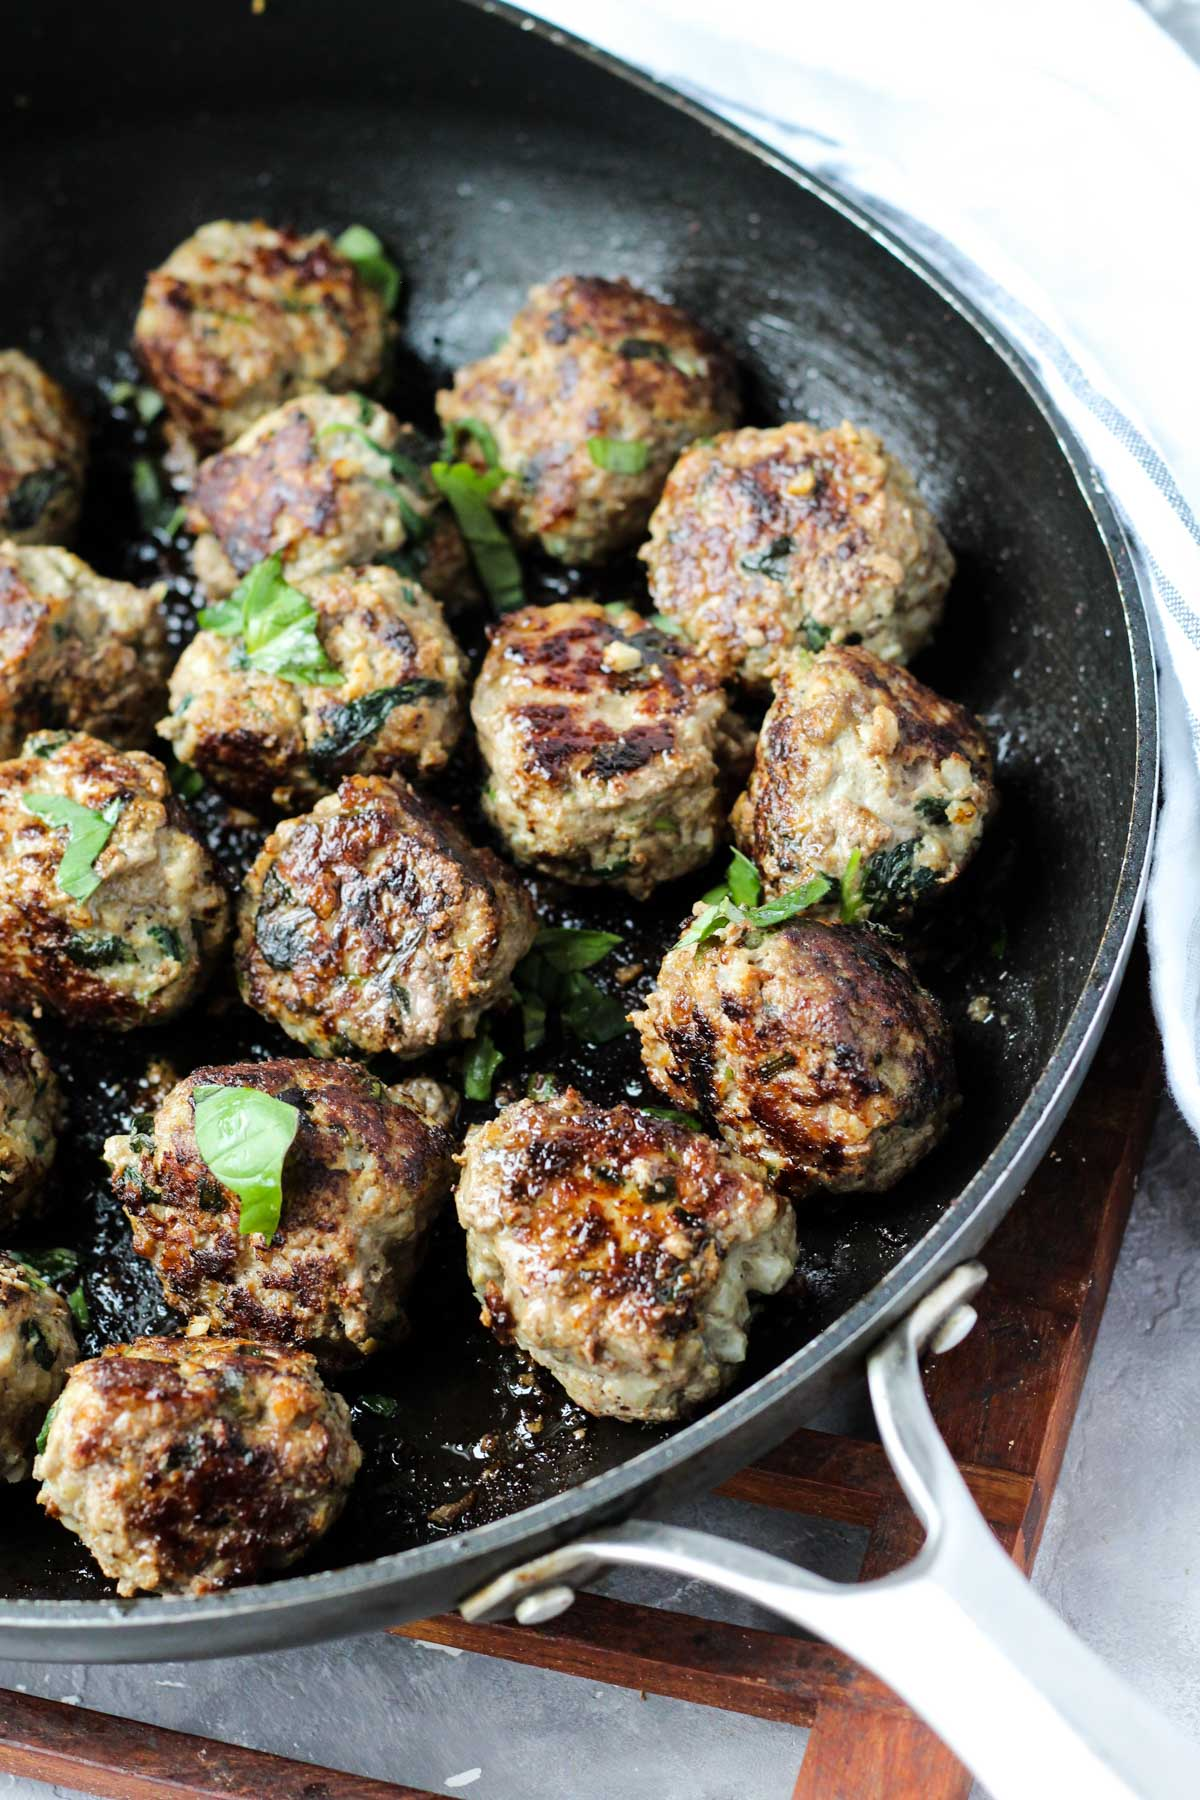 Skillet with sautéed meatballs.